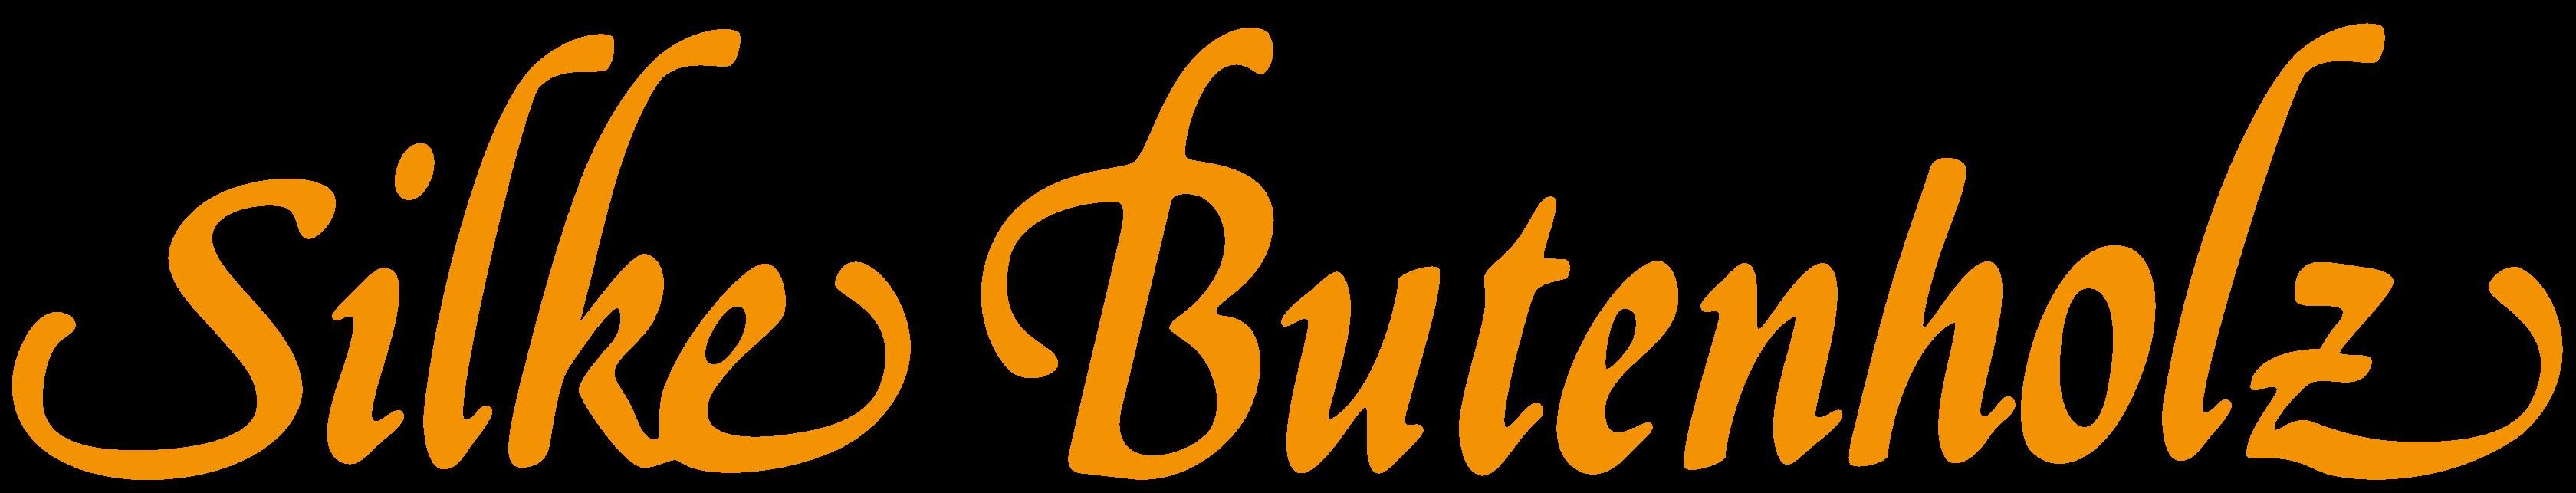 Silke Butenholz